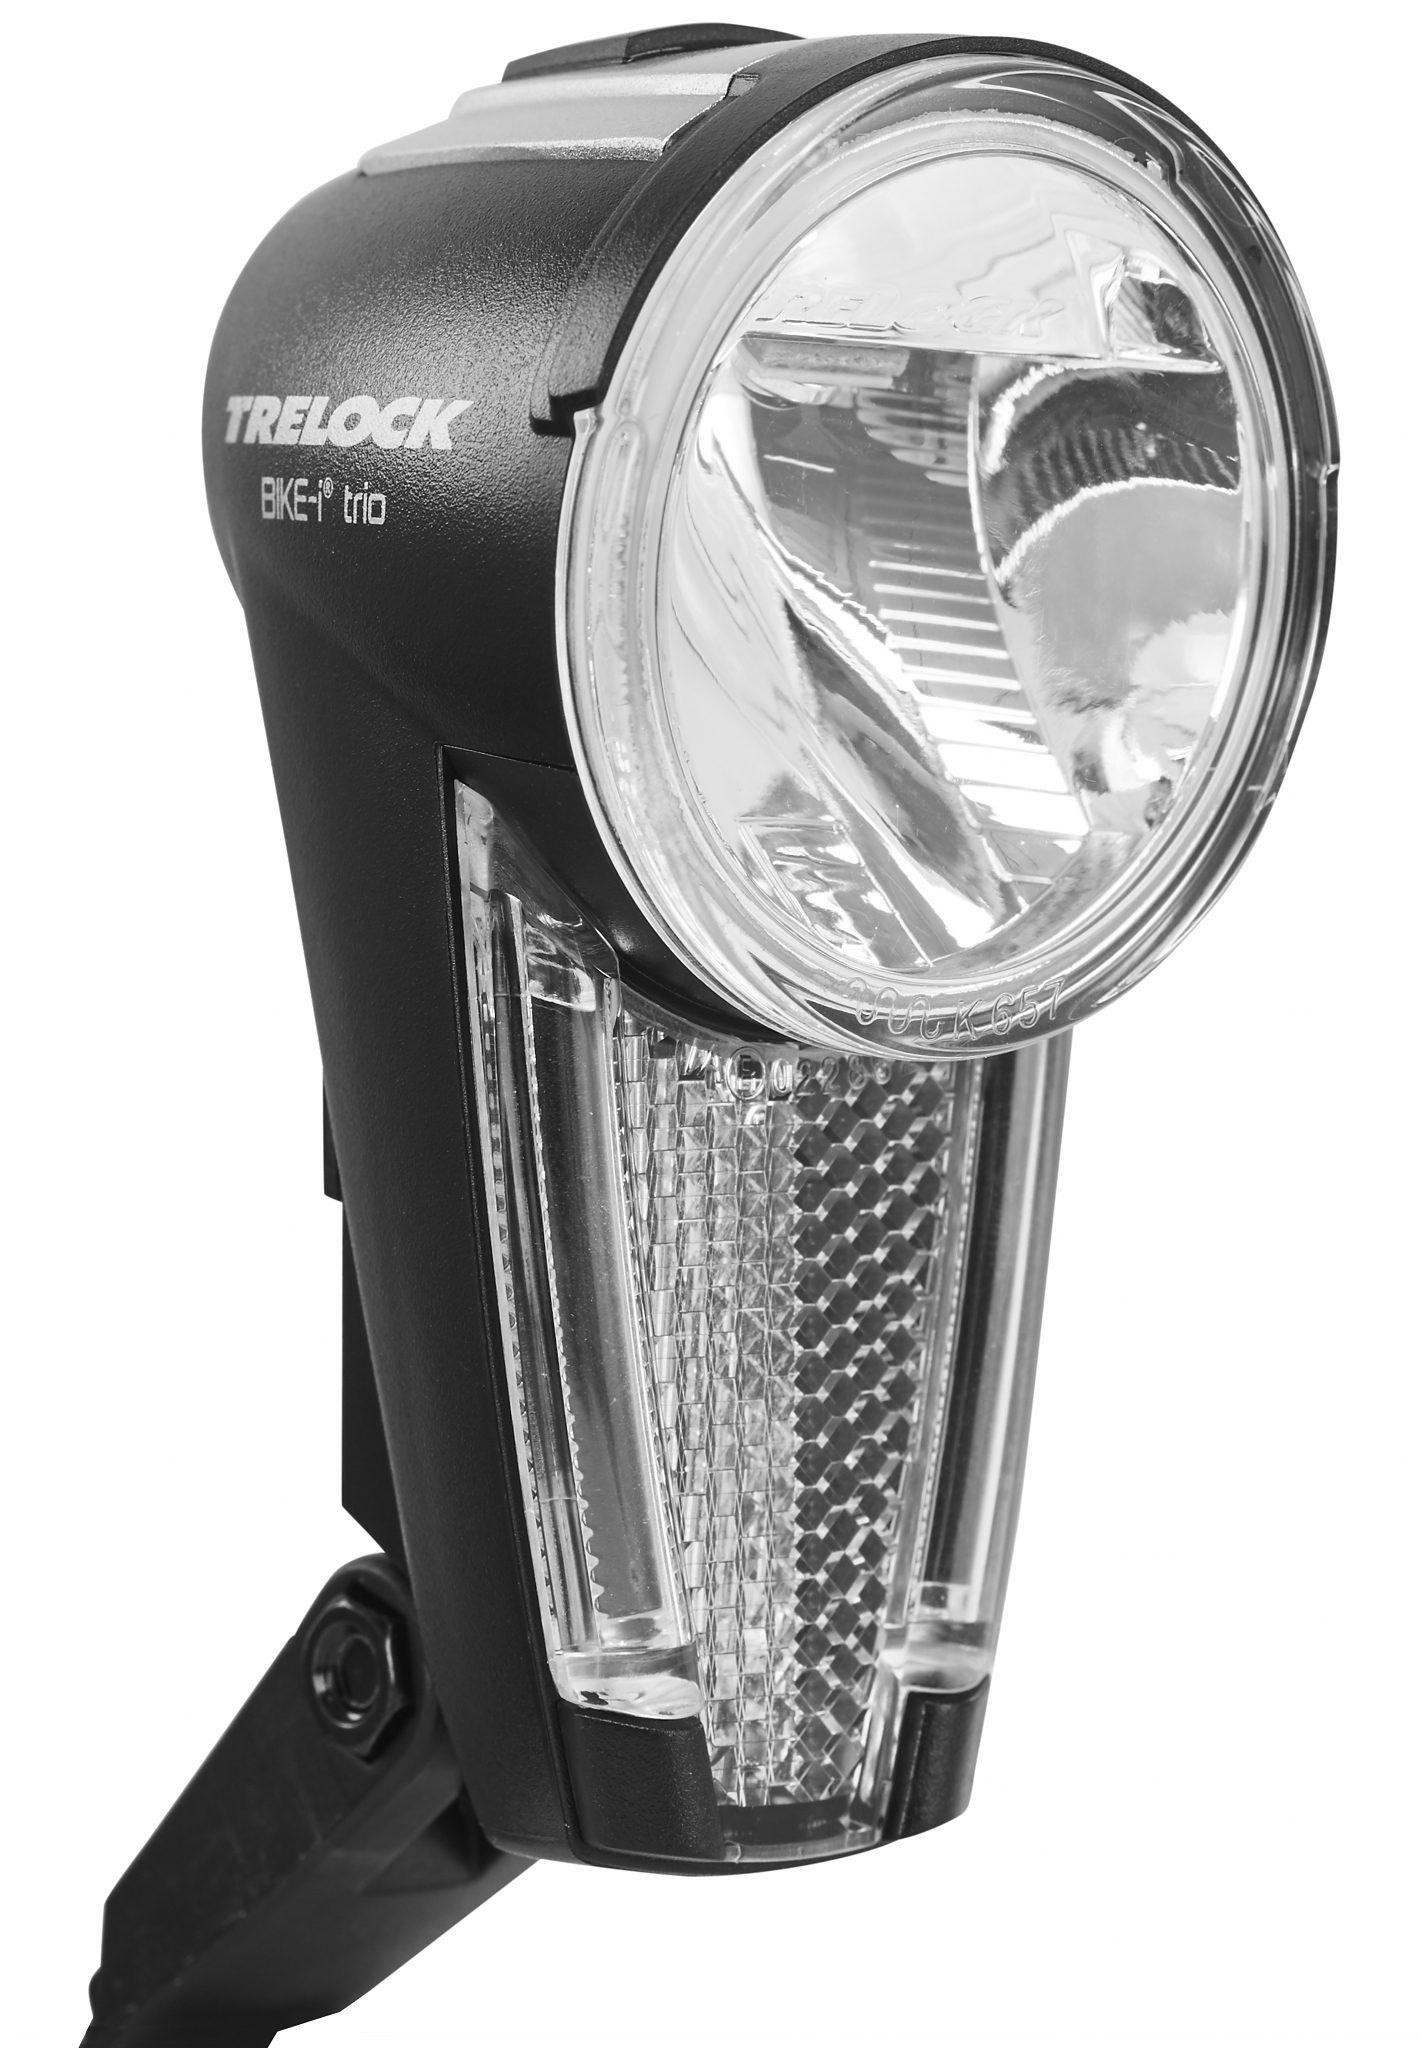 Trelock Fahrradbeleuchtung »LS 875 trio Frontscheinwerfer schwarz«